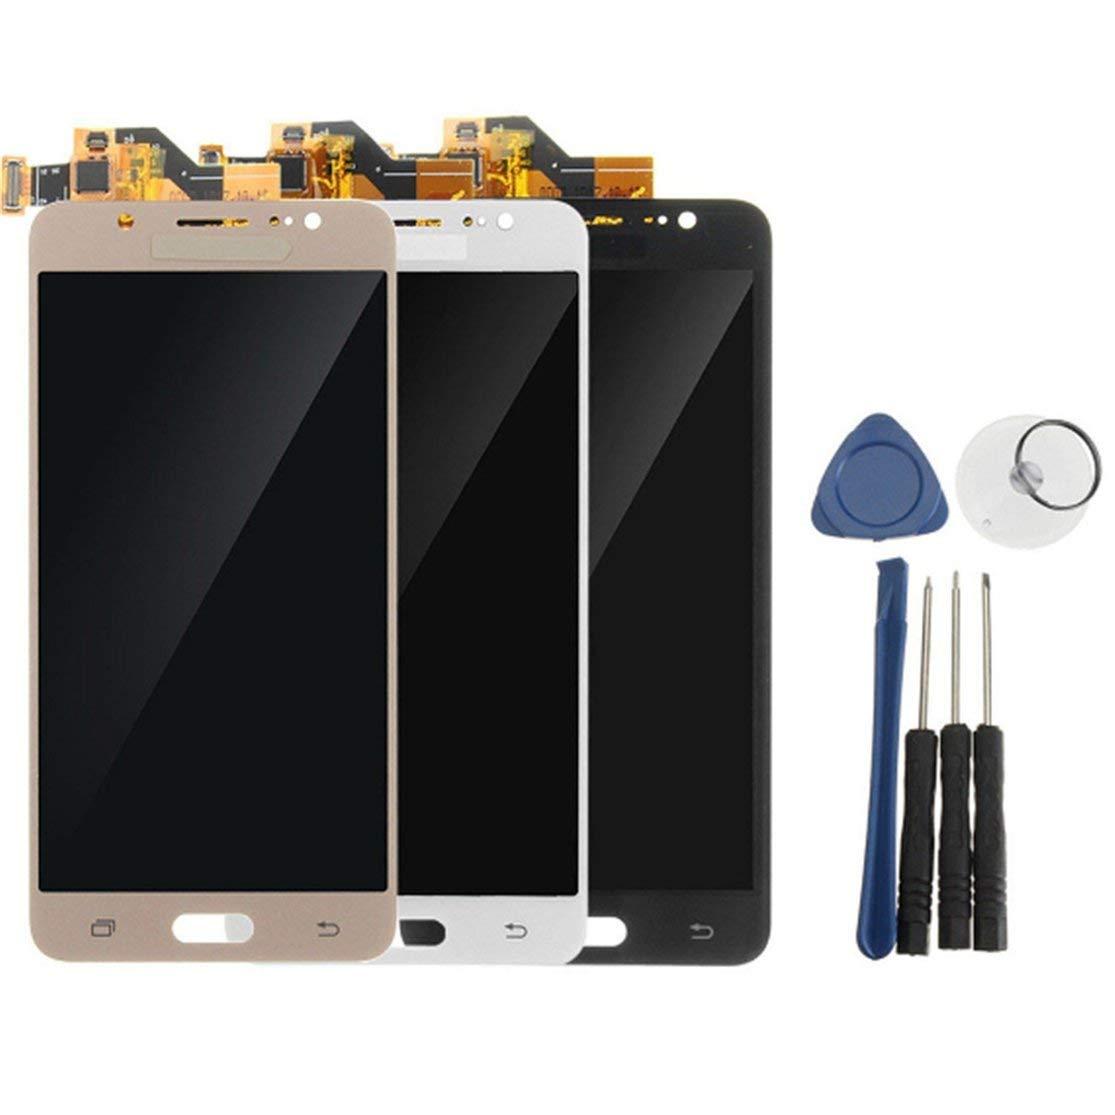 LouiseEvel215 Ecran Digitizer Assembl/é Ecran LCD Compatible pour Samsung Galaxy J5 2016 J510 R/éparation Accessoires de Remplacement